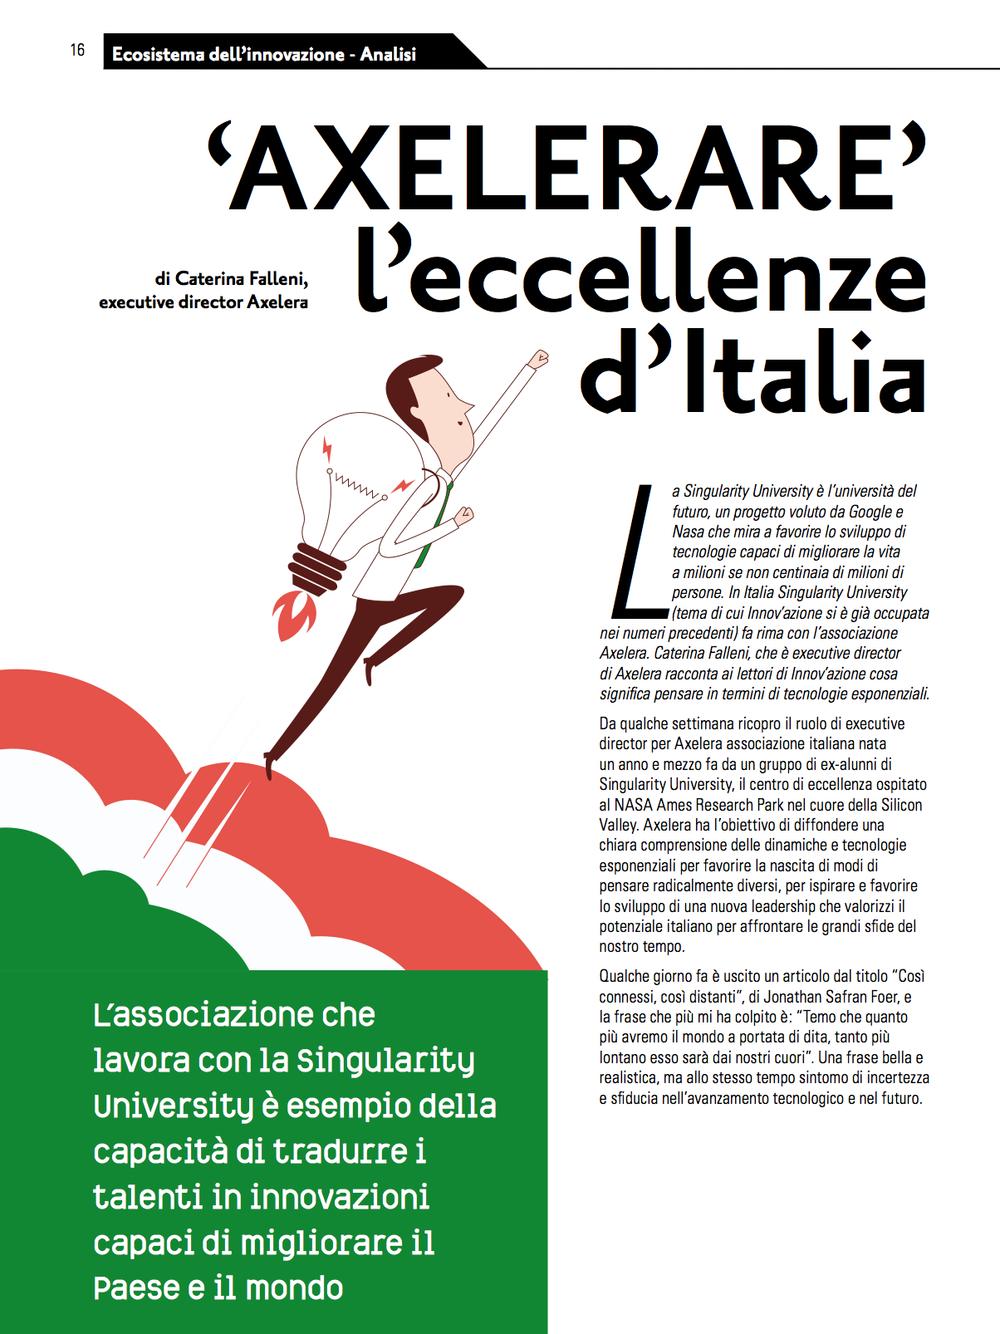 StartupItalia 11/1/2013